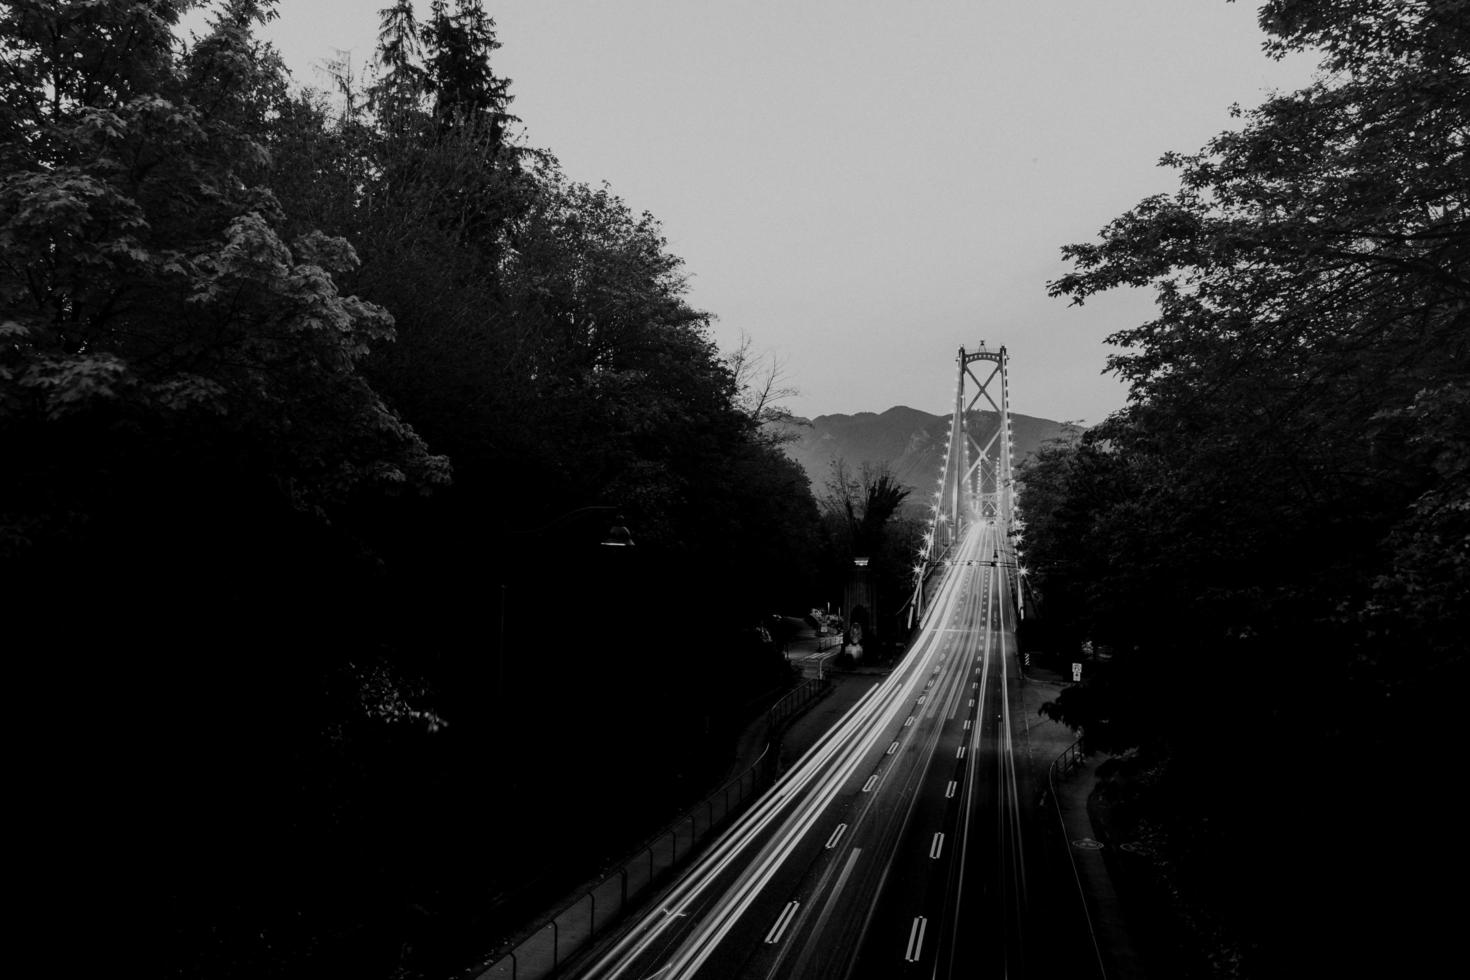 Photographie en niveaux de gris de véhicules circulant sur la route pendant la journée photo